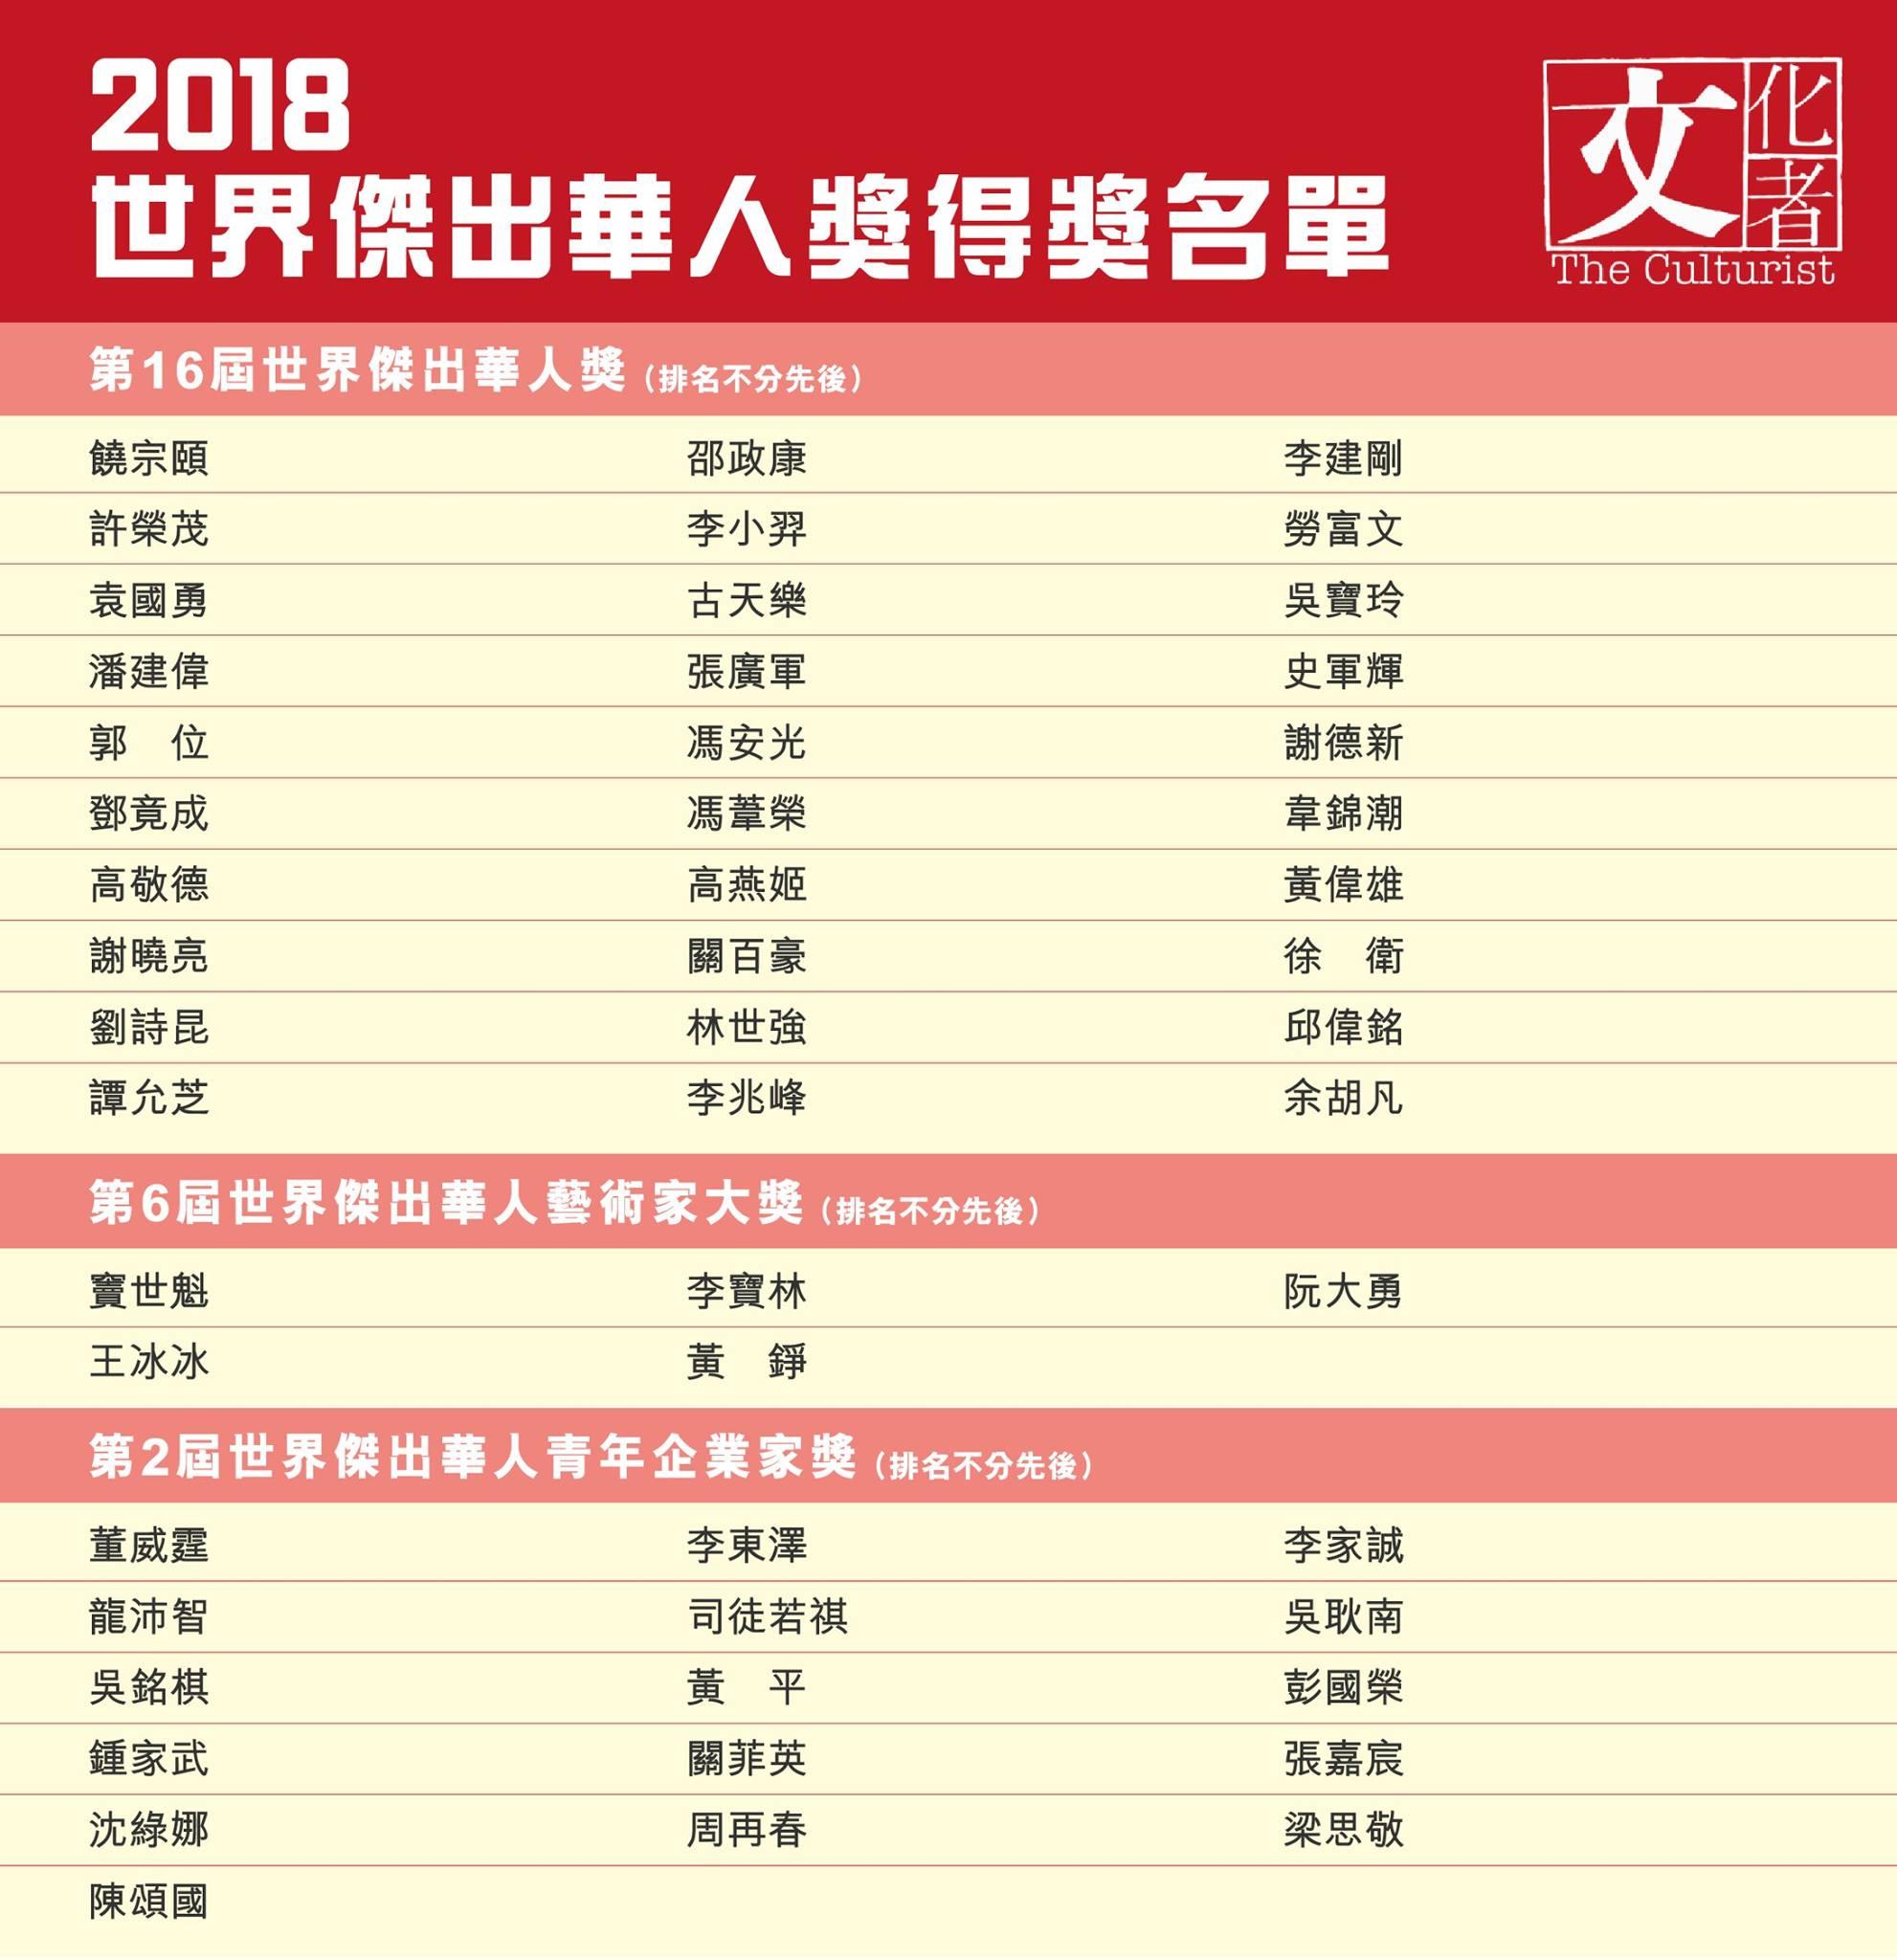 2018世界傑出華人獎得獎名單